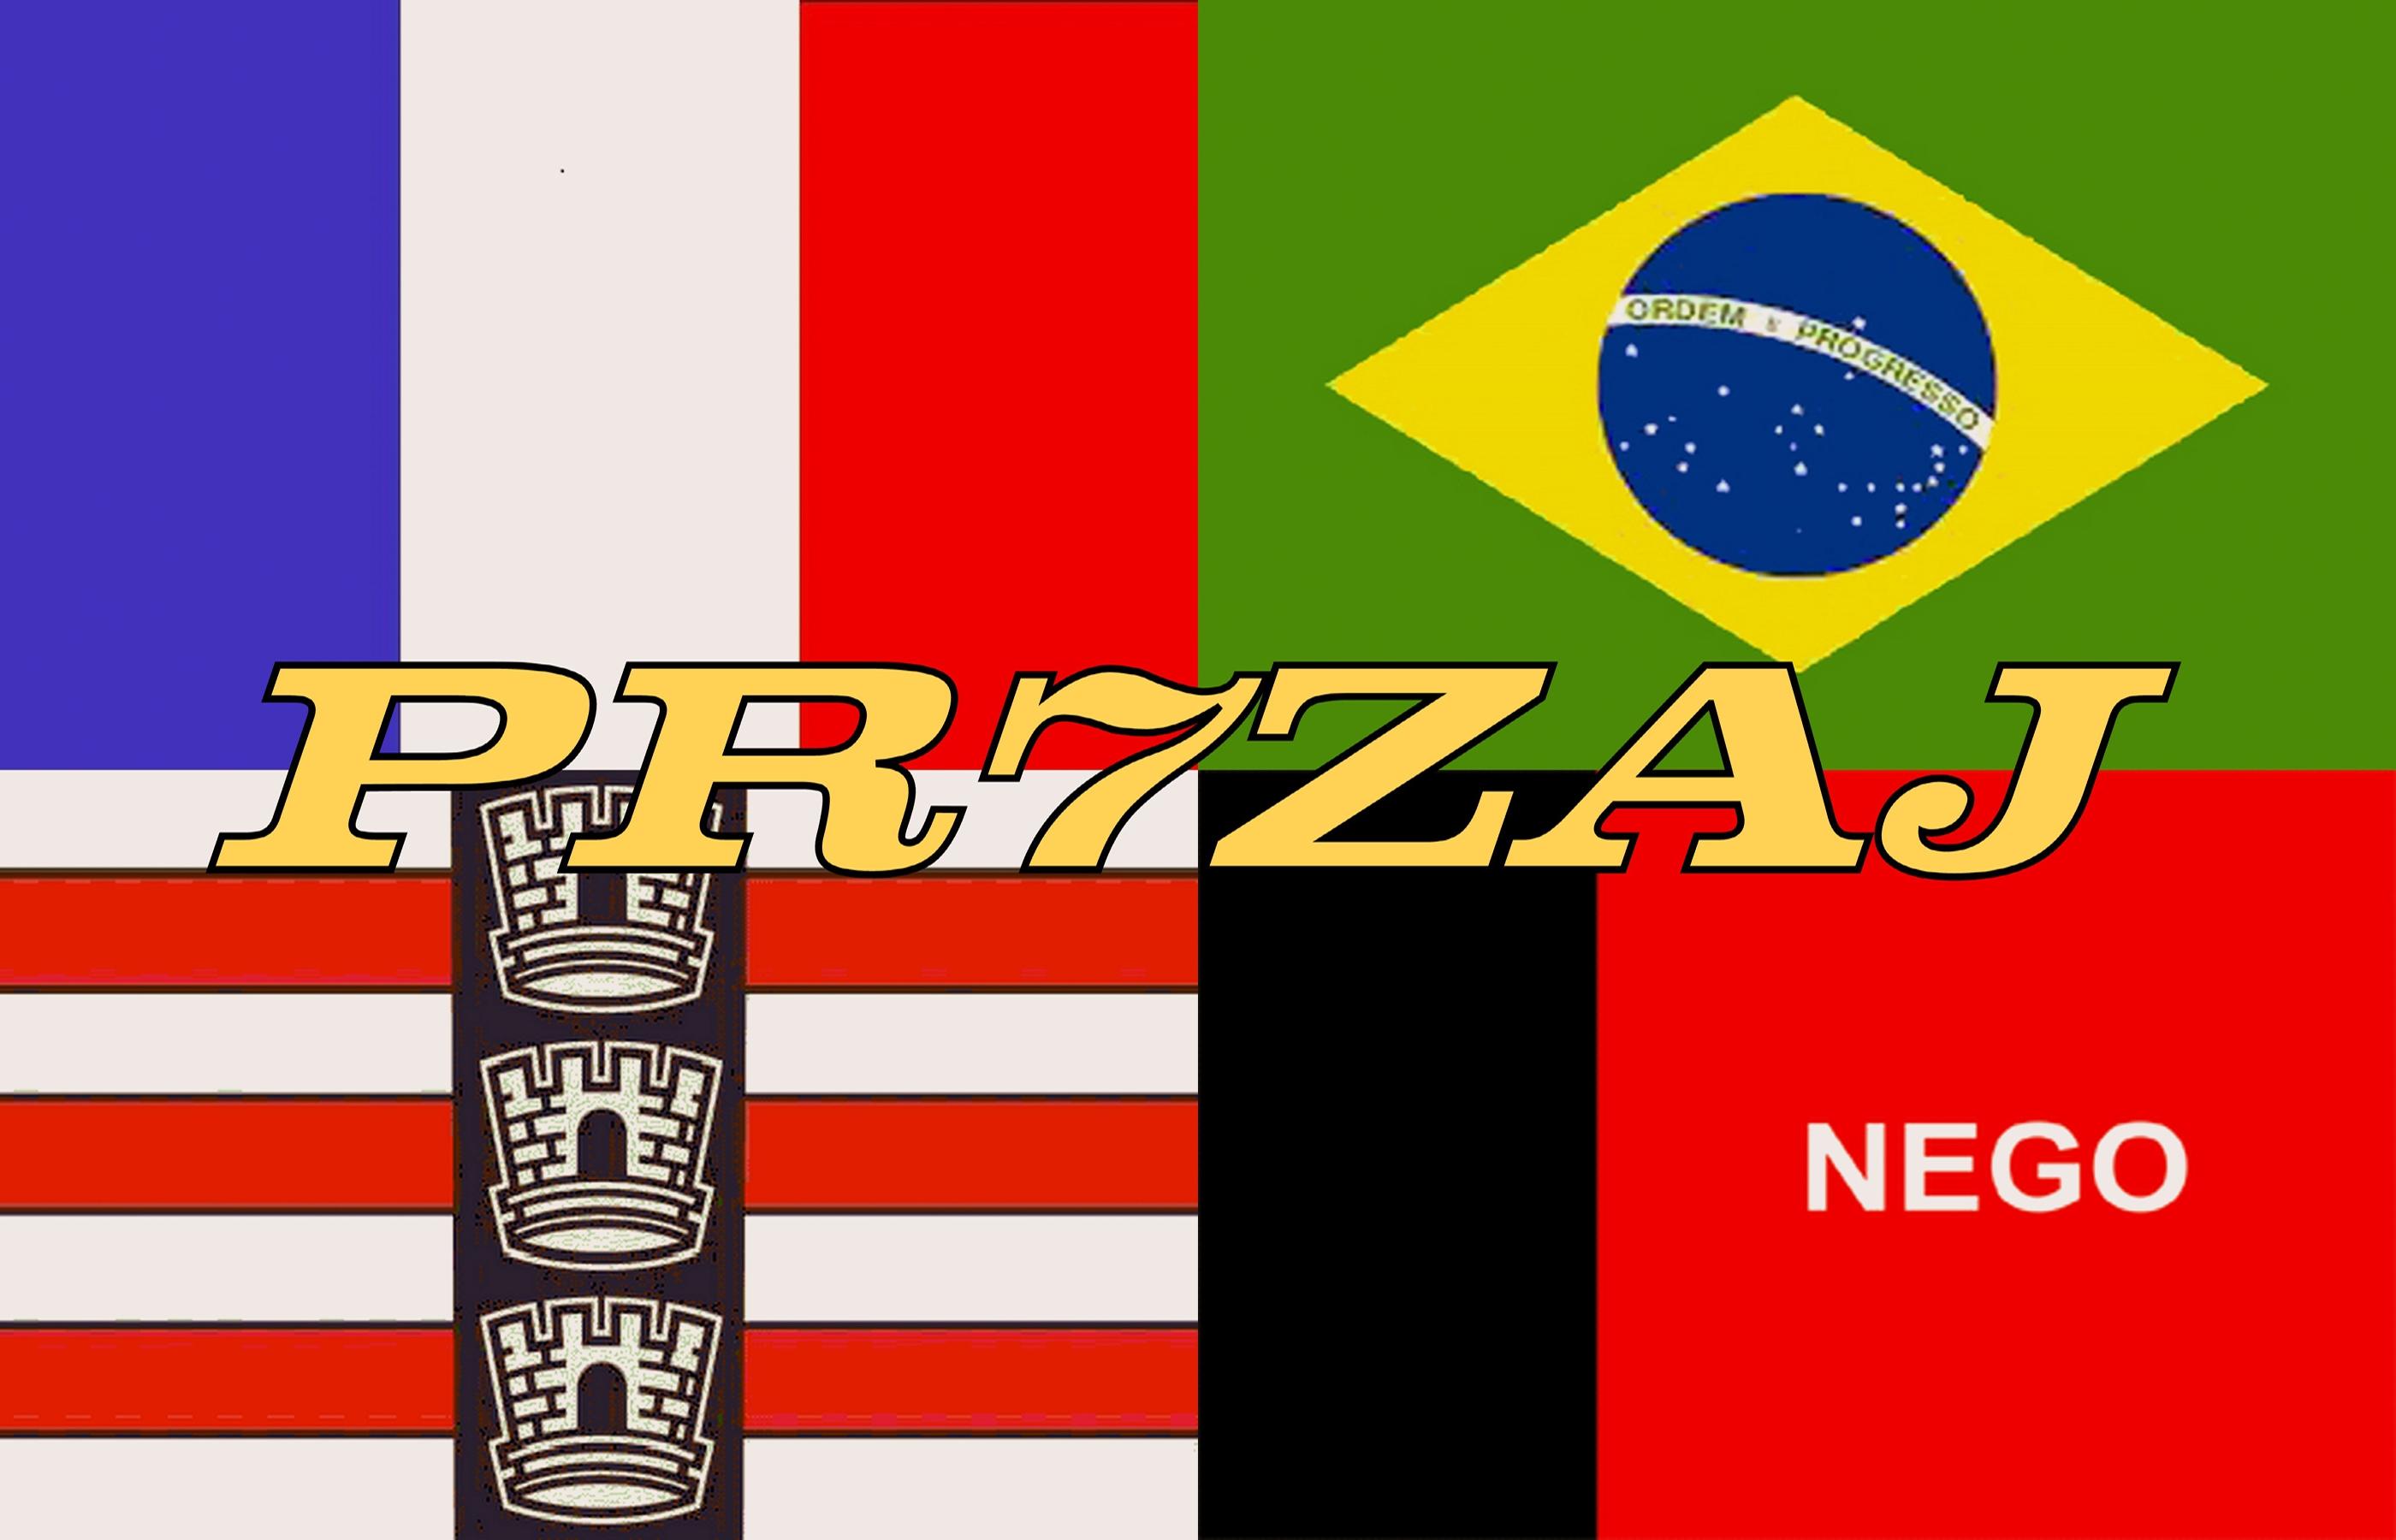 QSL image for PR7ZAJ